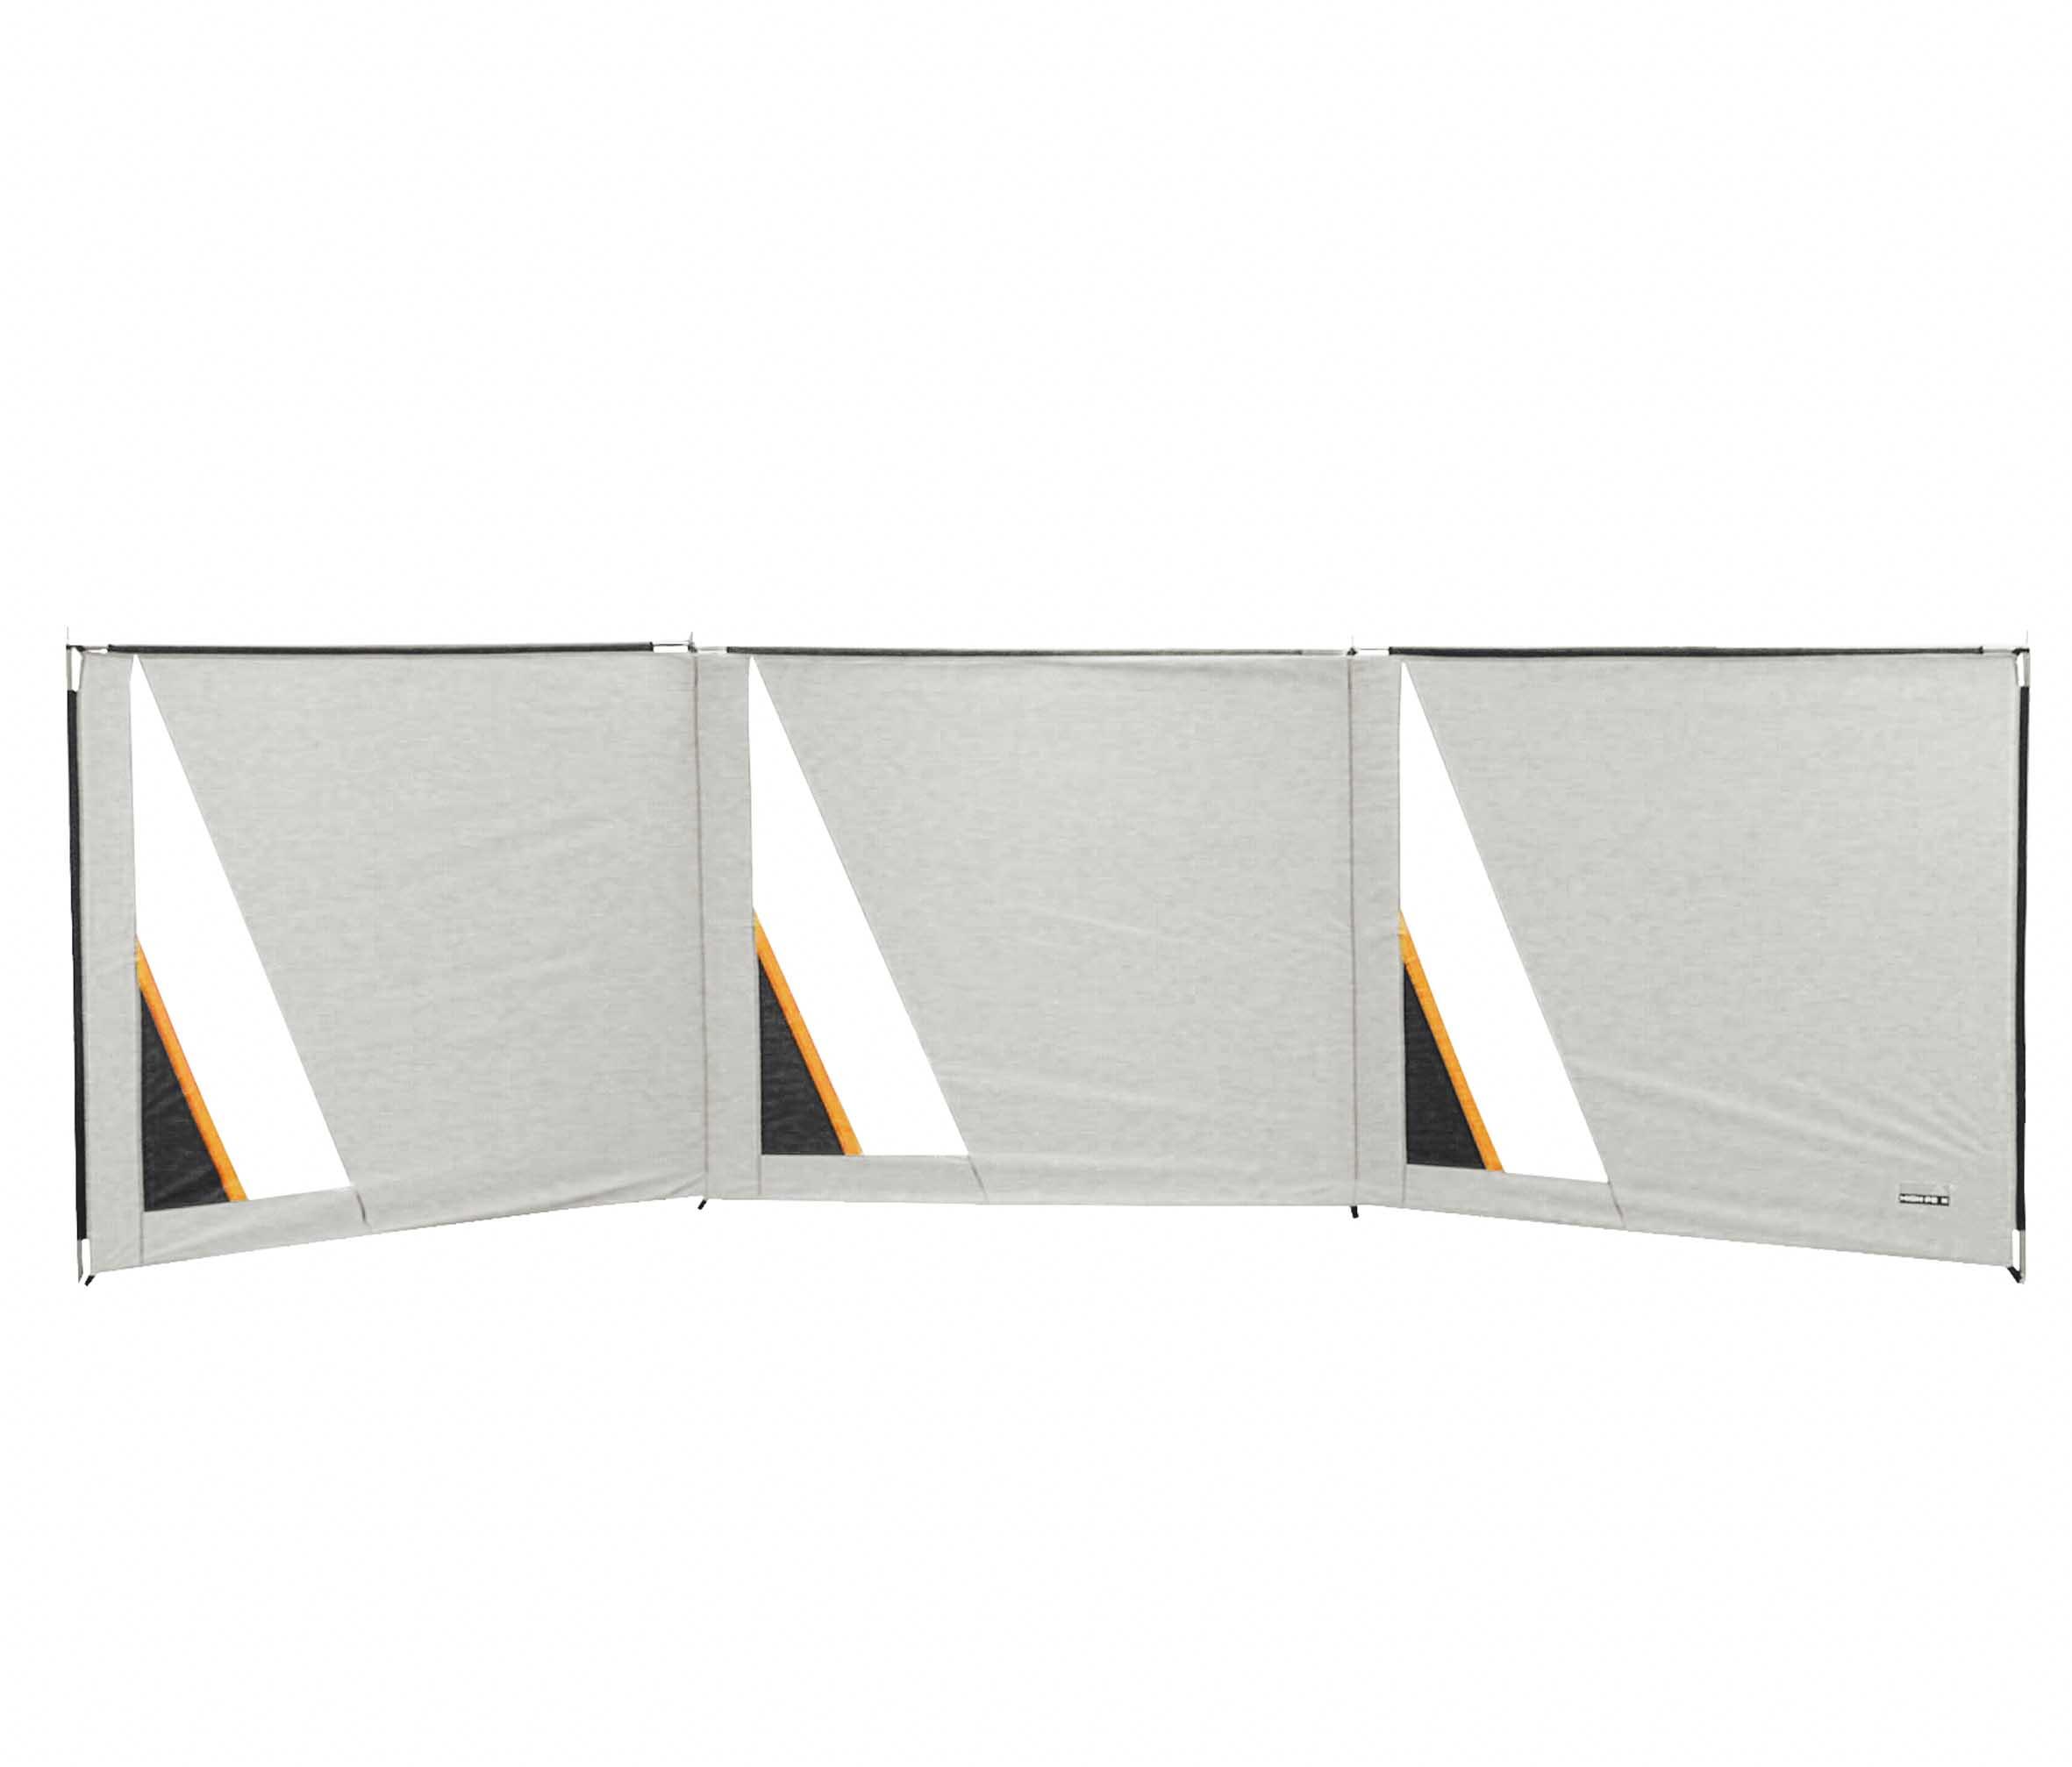 Тент High Peak Shirocco 10012Садовые тенты и шатры<br>Тент HIGH PEAK Shirocco 10012 - представляет собой защитное изделие от ветра и посторонних глаз. Ограждение легко устанавливается, широко применяется в условиях отдыха на природе на открытой местности. Стена изготовлена из надежного материала, швы проклеены, имеются панорамные окна.<br><br>- Размер 140х500 см;<br>- Удобство;<br>- Простая установка;<br>- Износостойкий материал.<br><br>Тип: Тент